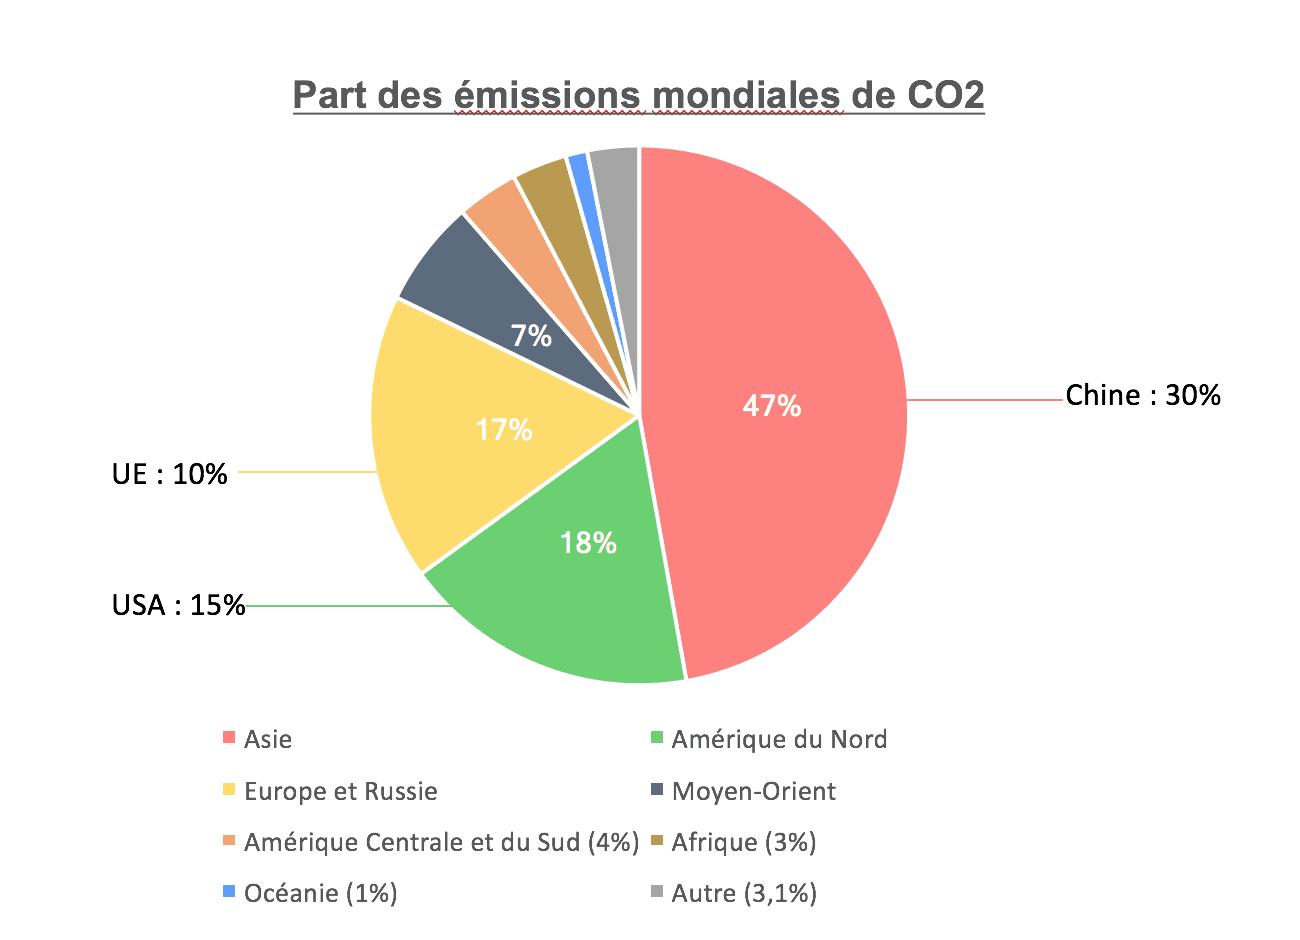 cop23 ces pays qui plombent le bilan carbone de la plan te fournisseur energie. Black Bedroom Furniture Sets. Home Design Ideas